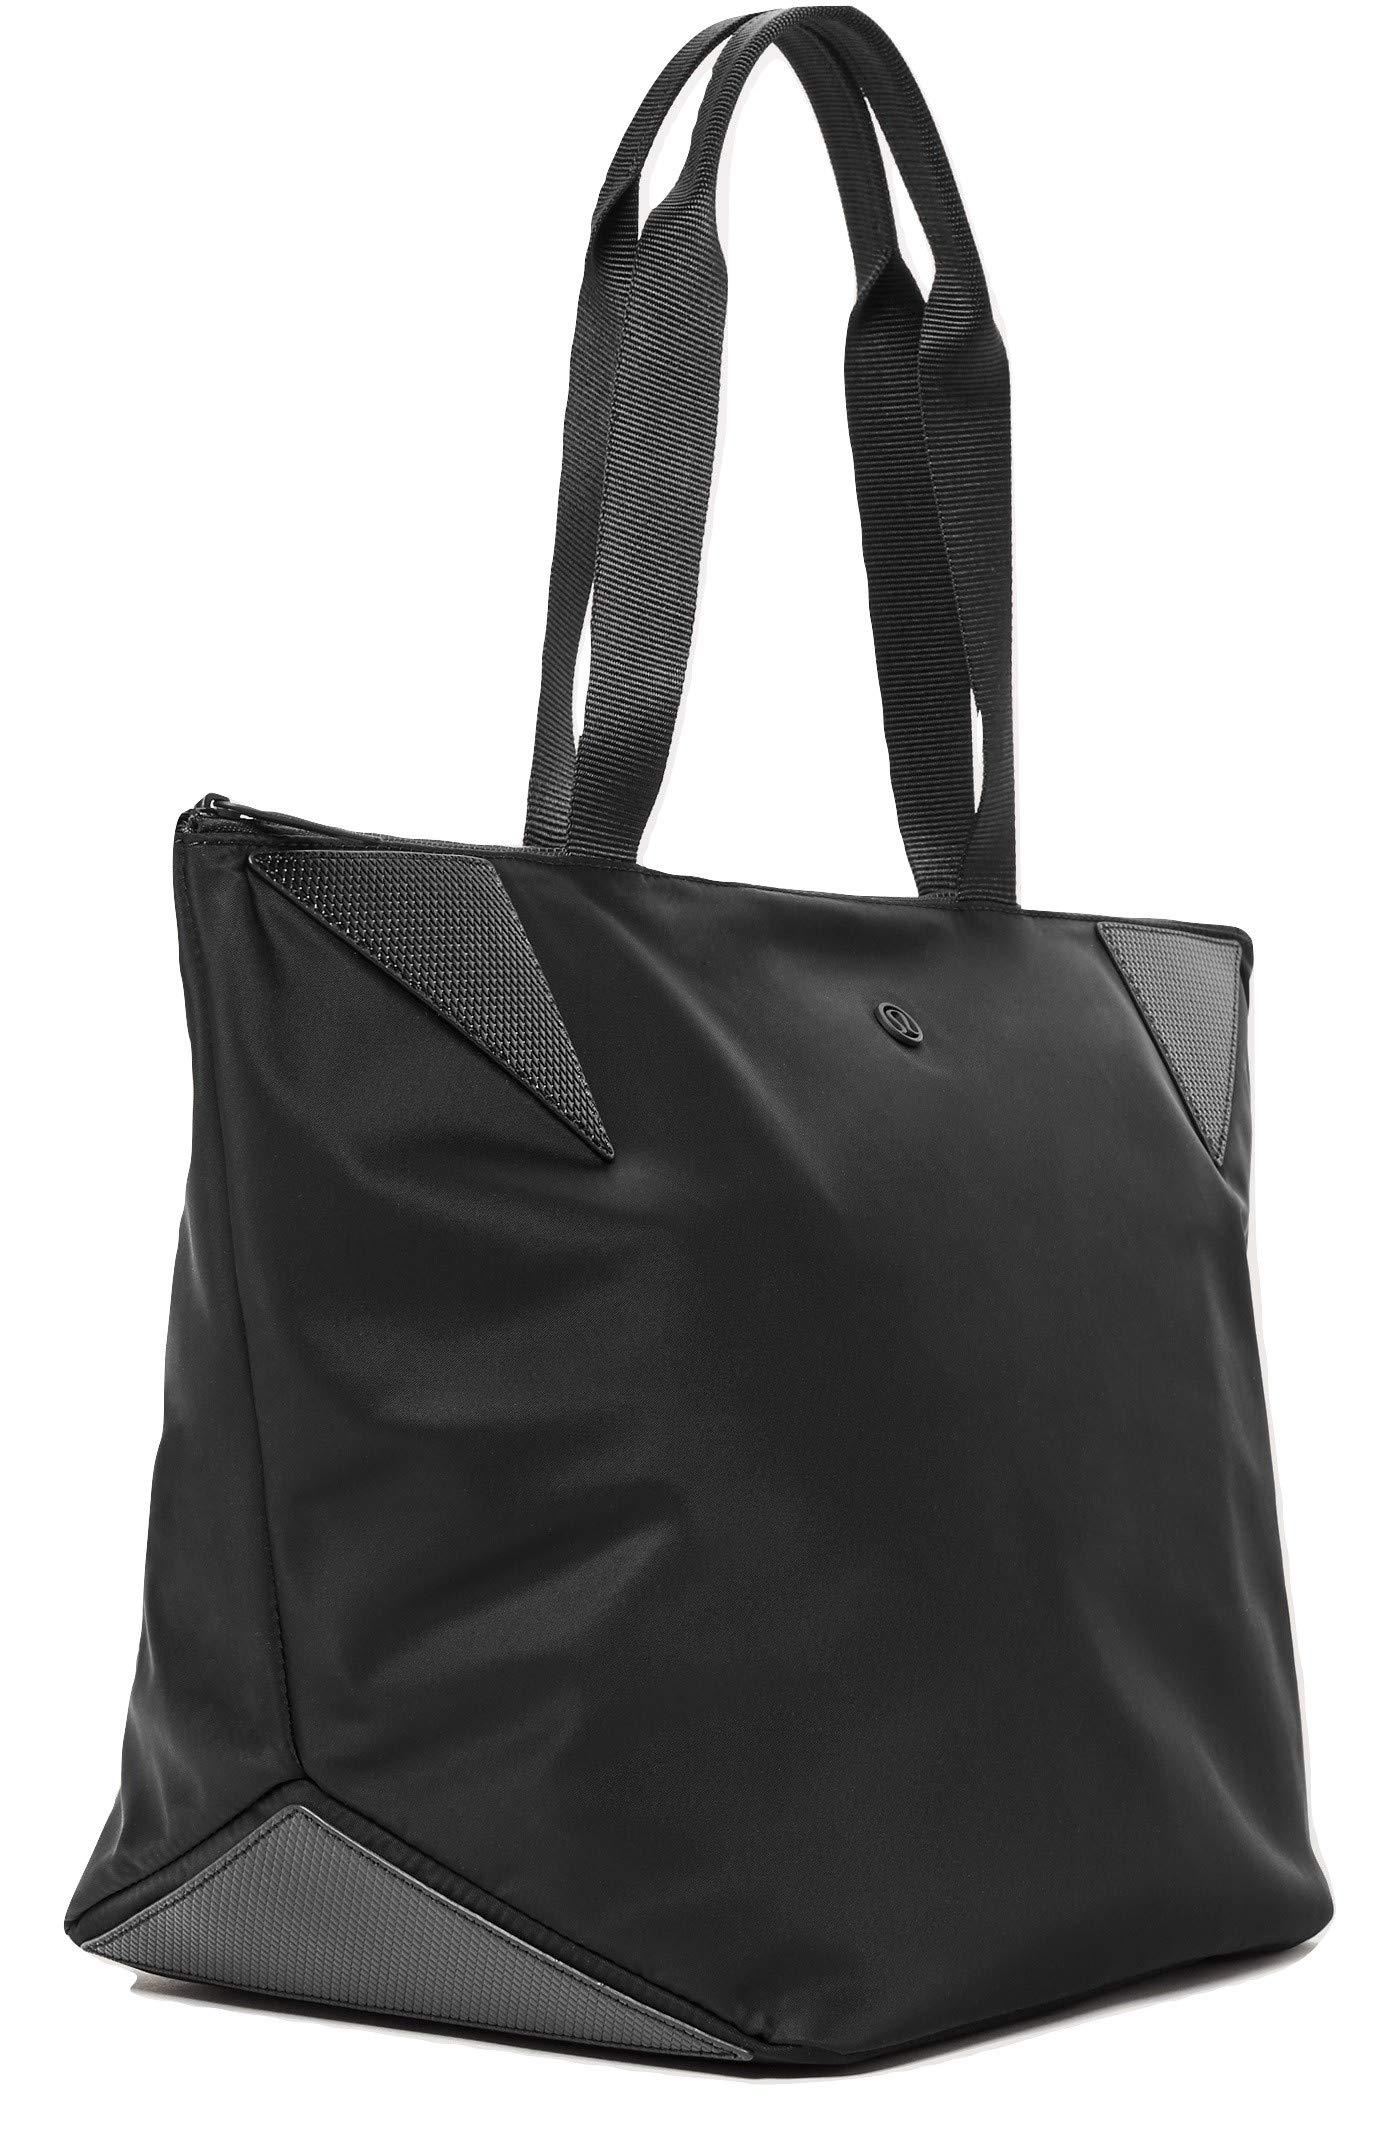 Lululemon Acute Tote Bag (Black)